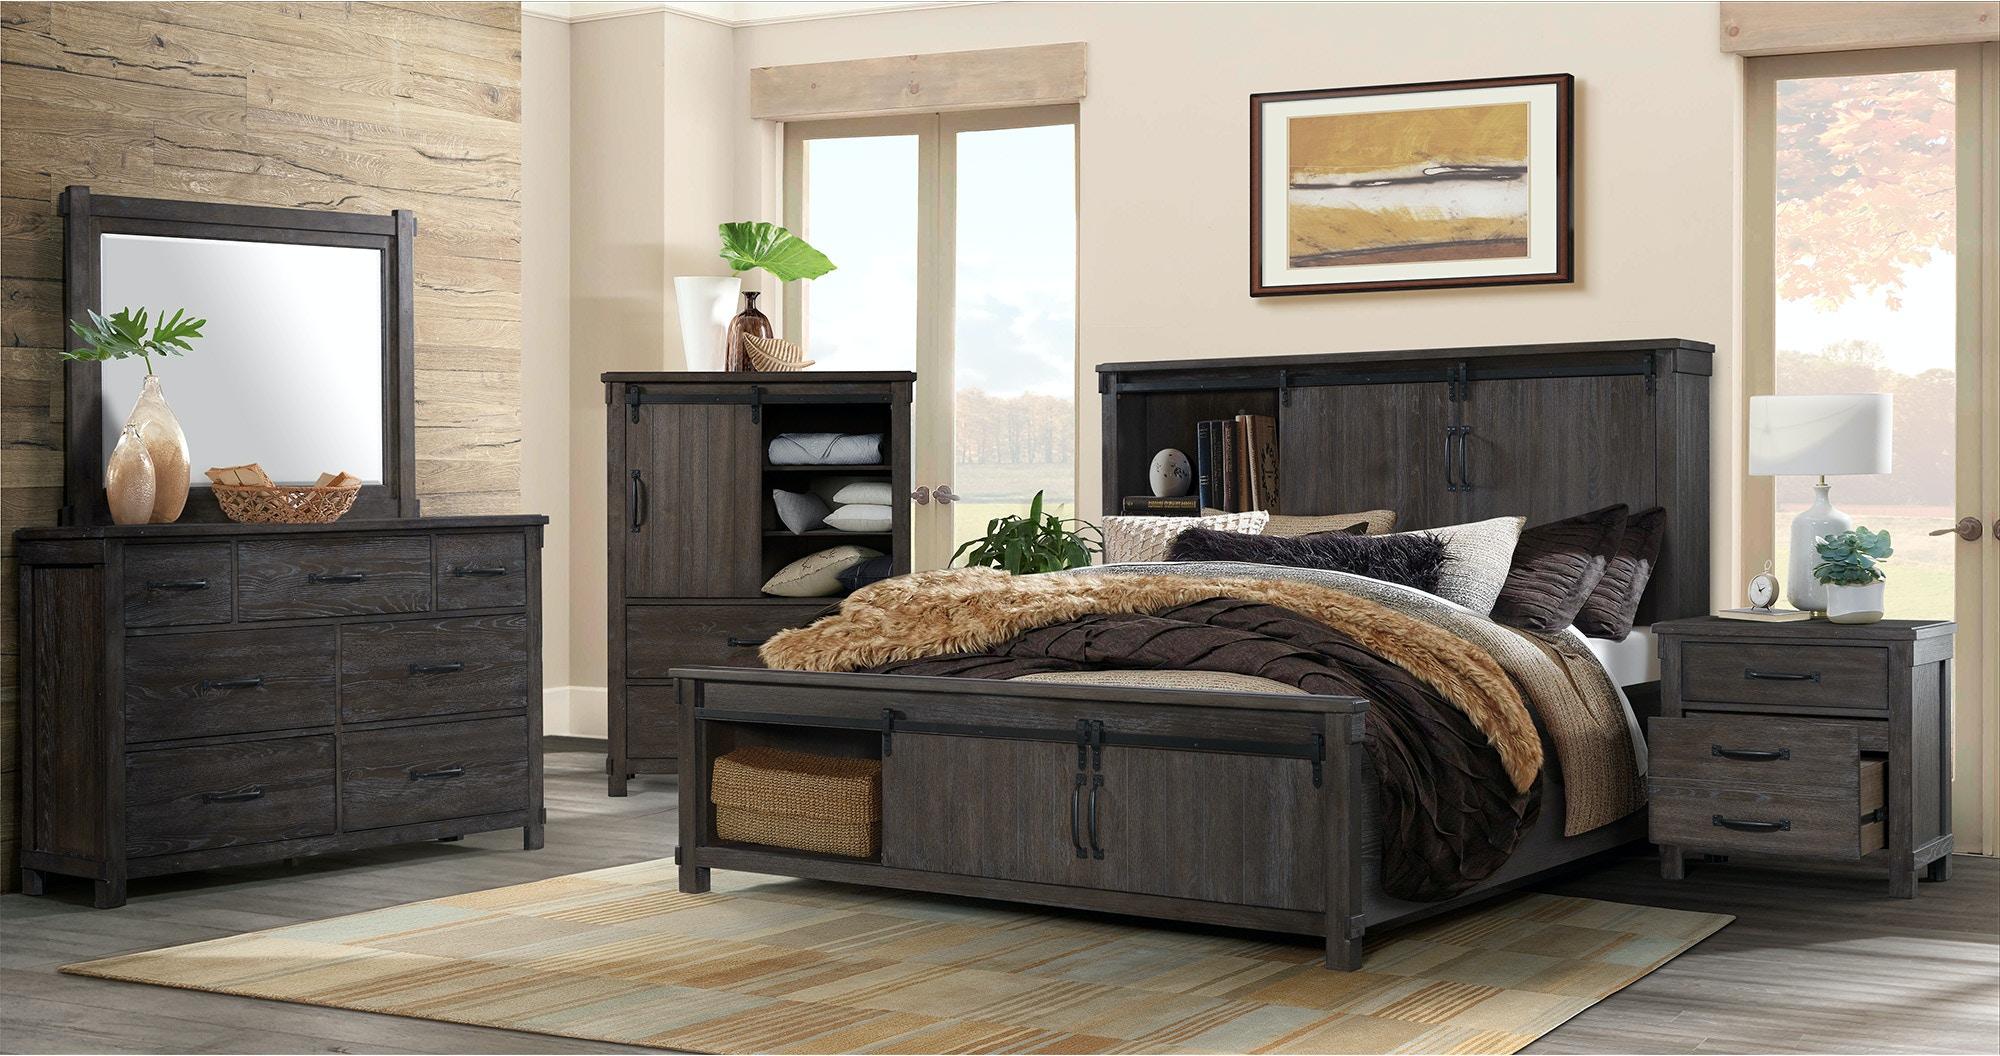 Elements International Bedroom Scott Dark Bedroom 835641508 118263507 Woodstock Furniture